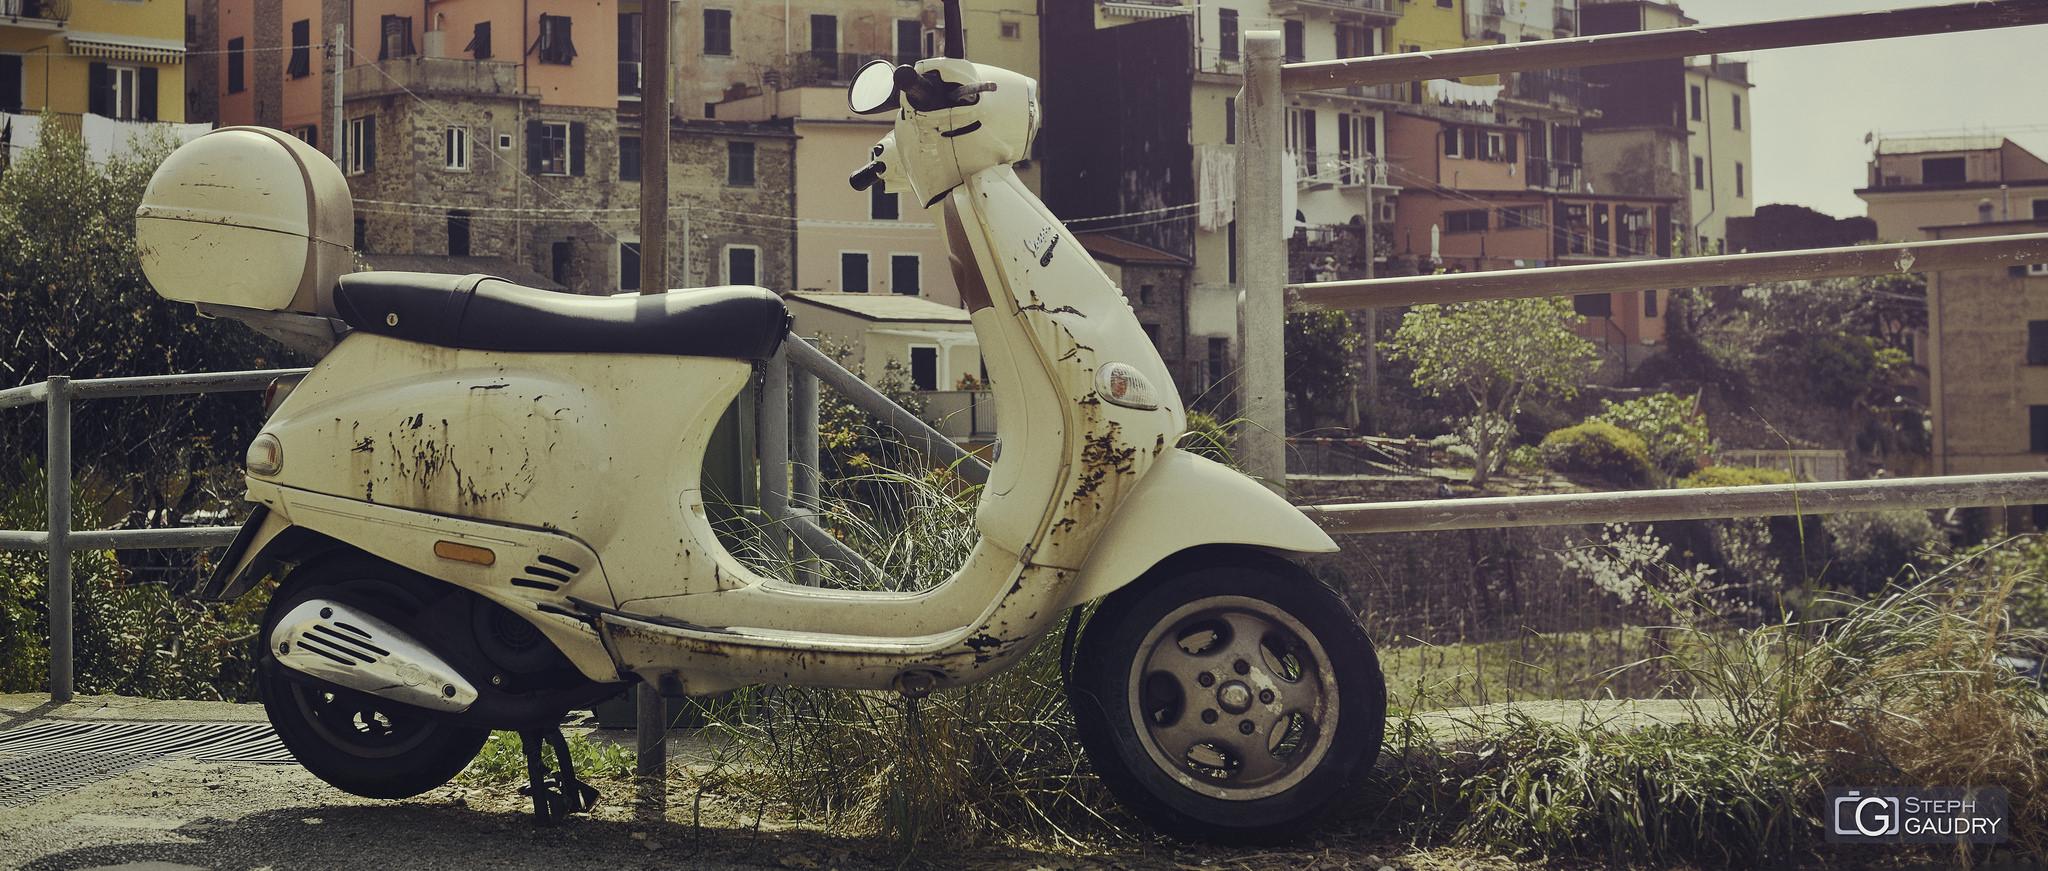 Liguria e Toscana dovrebbero essere visitati in Vespa [Cliquez pour lancer le diaporama]